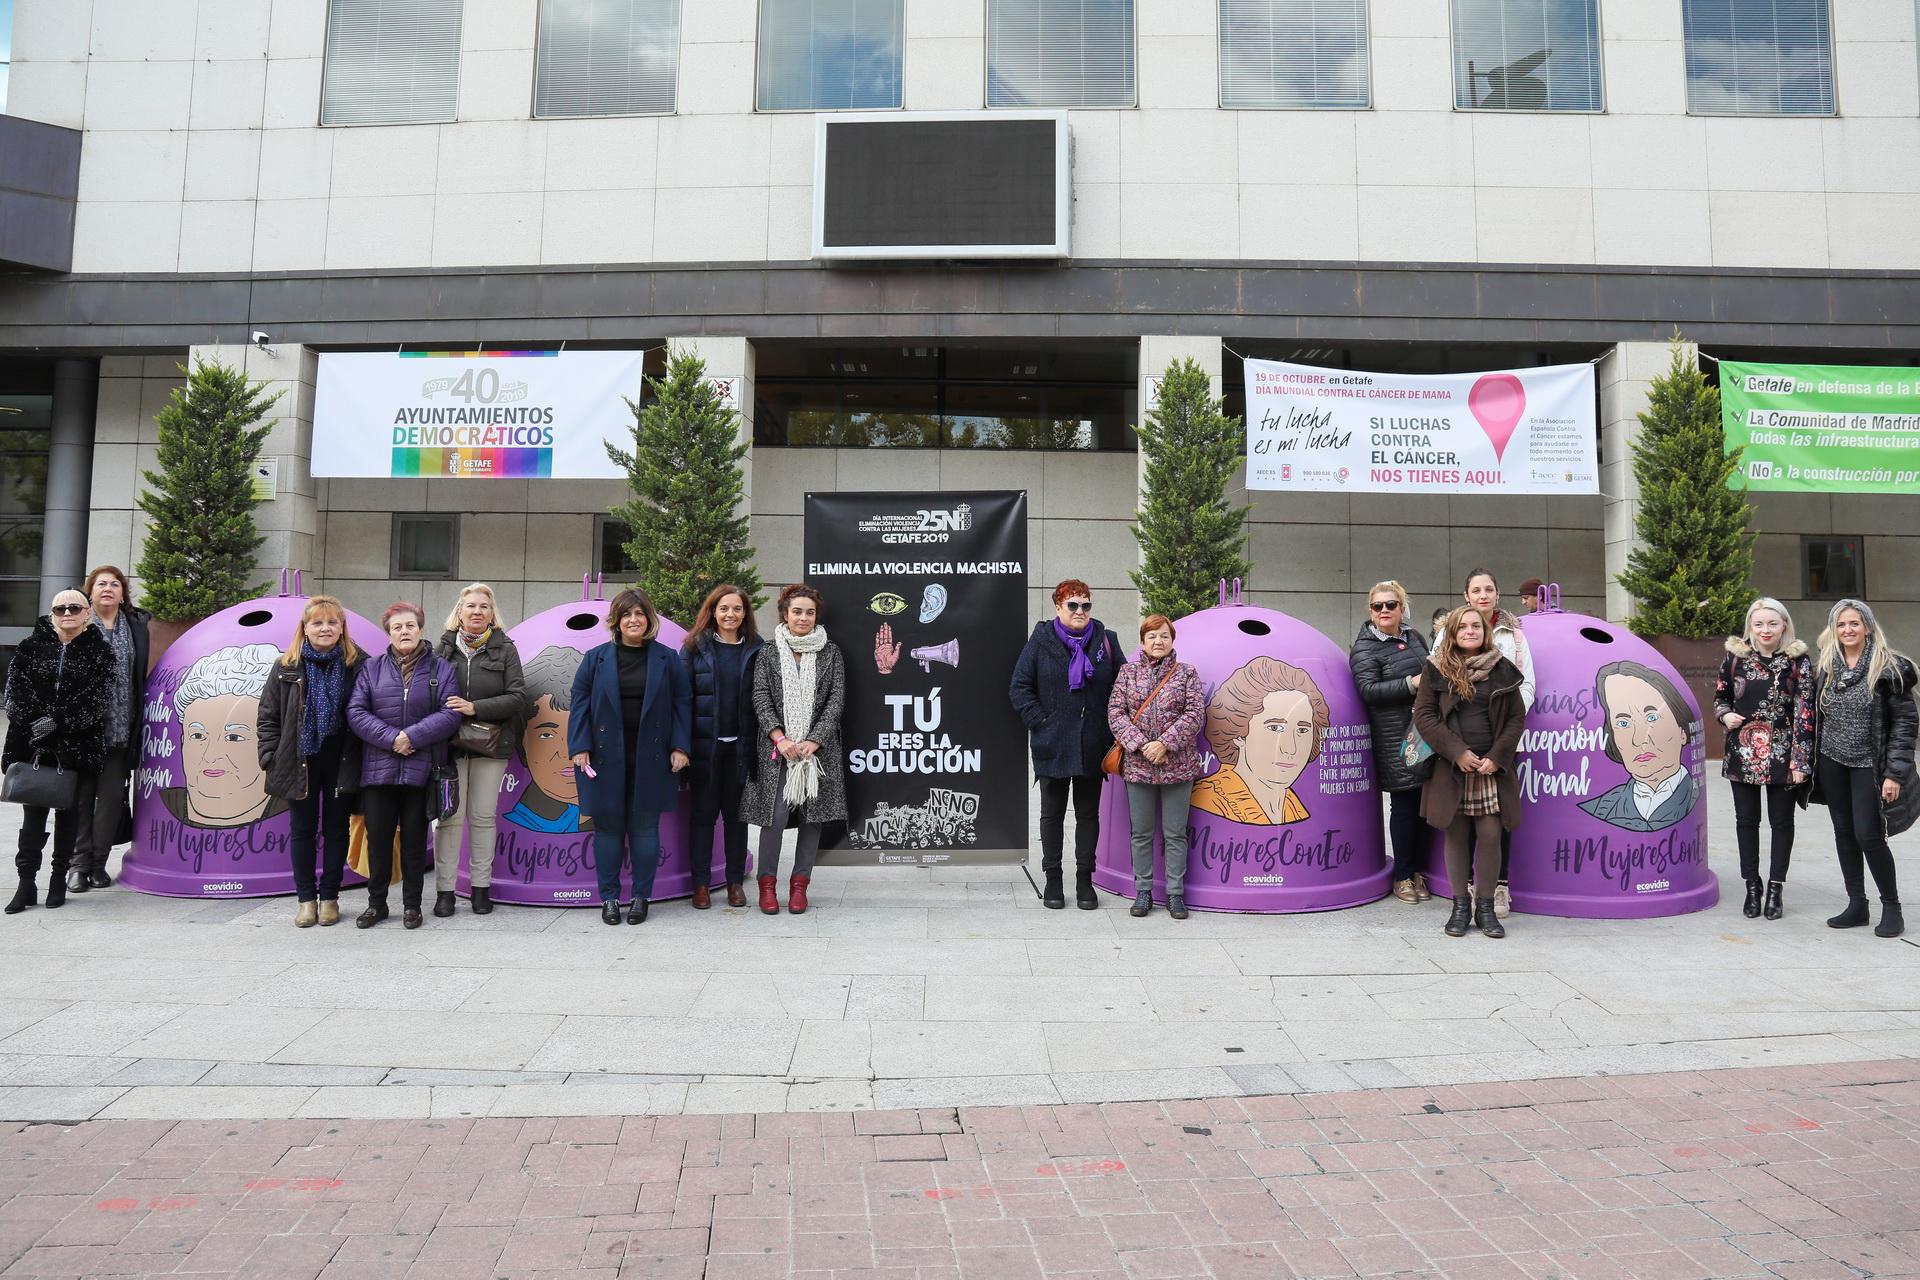 Getafe presenta su campaña por el 25N 'Elimina la violencia machista. Tú eres la solución'